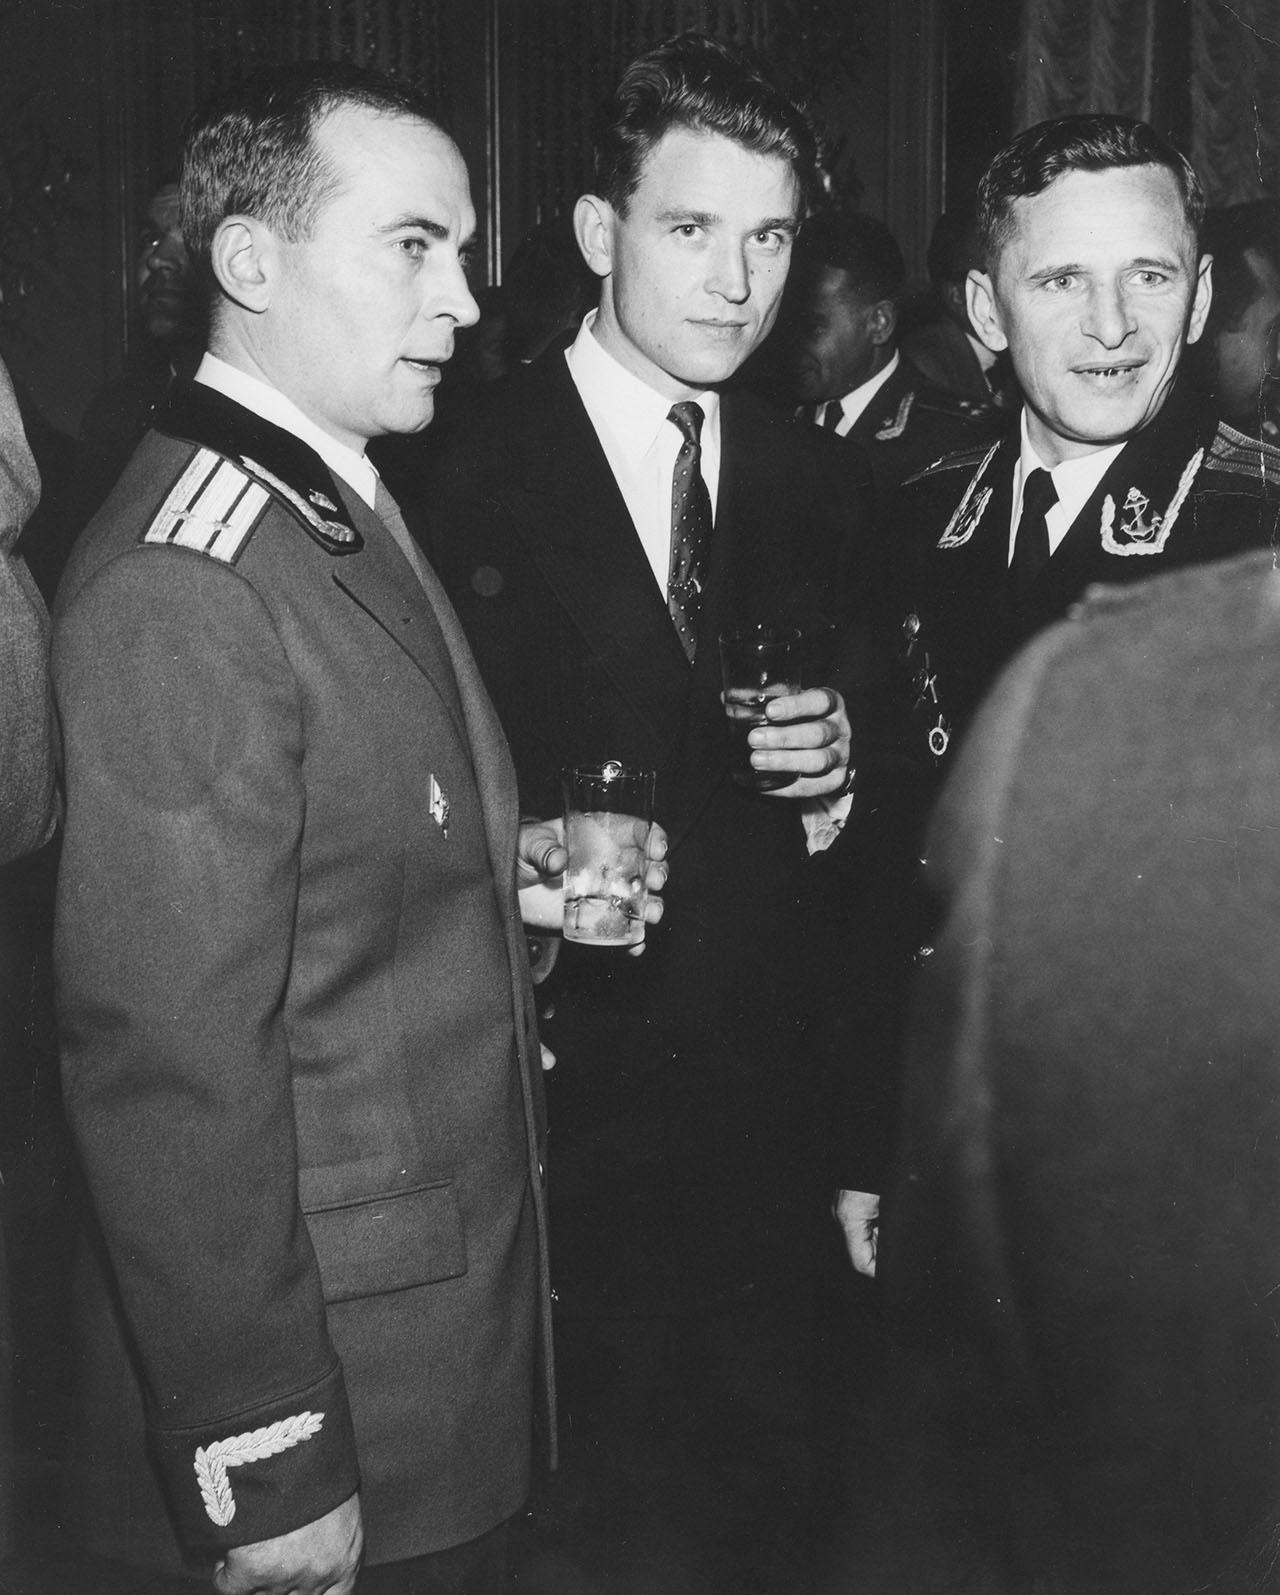 Среди коллег - военных разведчиков. В. Любимов - в центре, слева - А. Попов, справа - Б. Поликарпов.